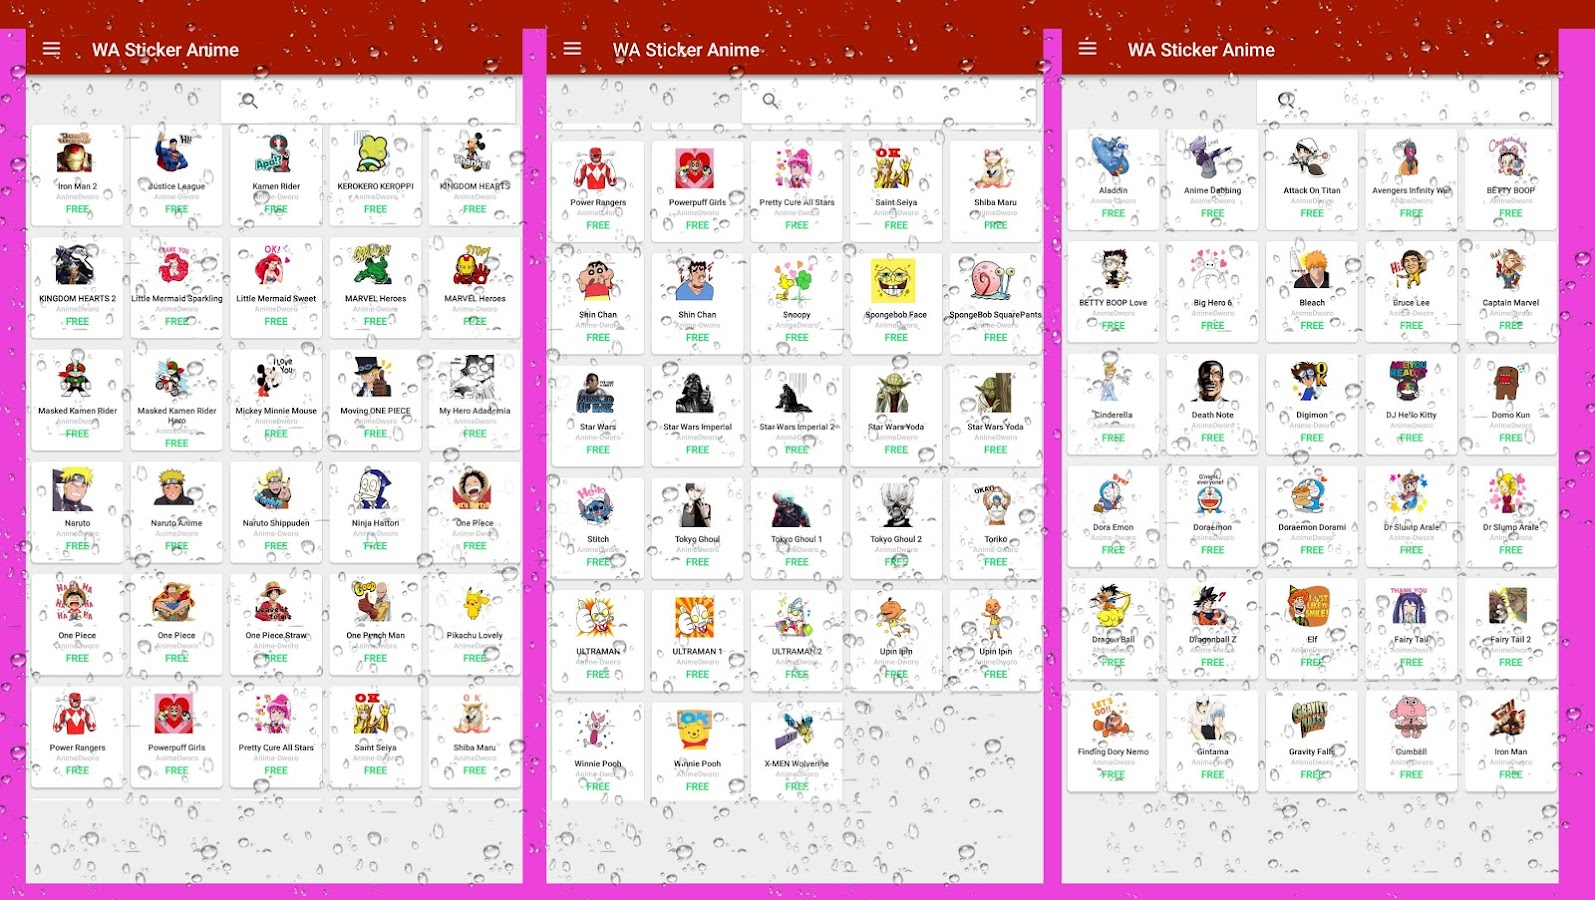 Wastickerapps Anime Sticker Wasticker For Whatsapp 21 Apk